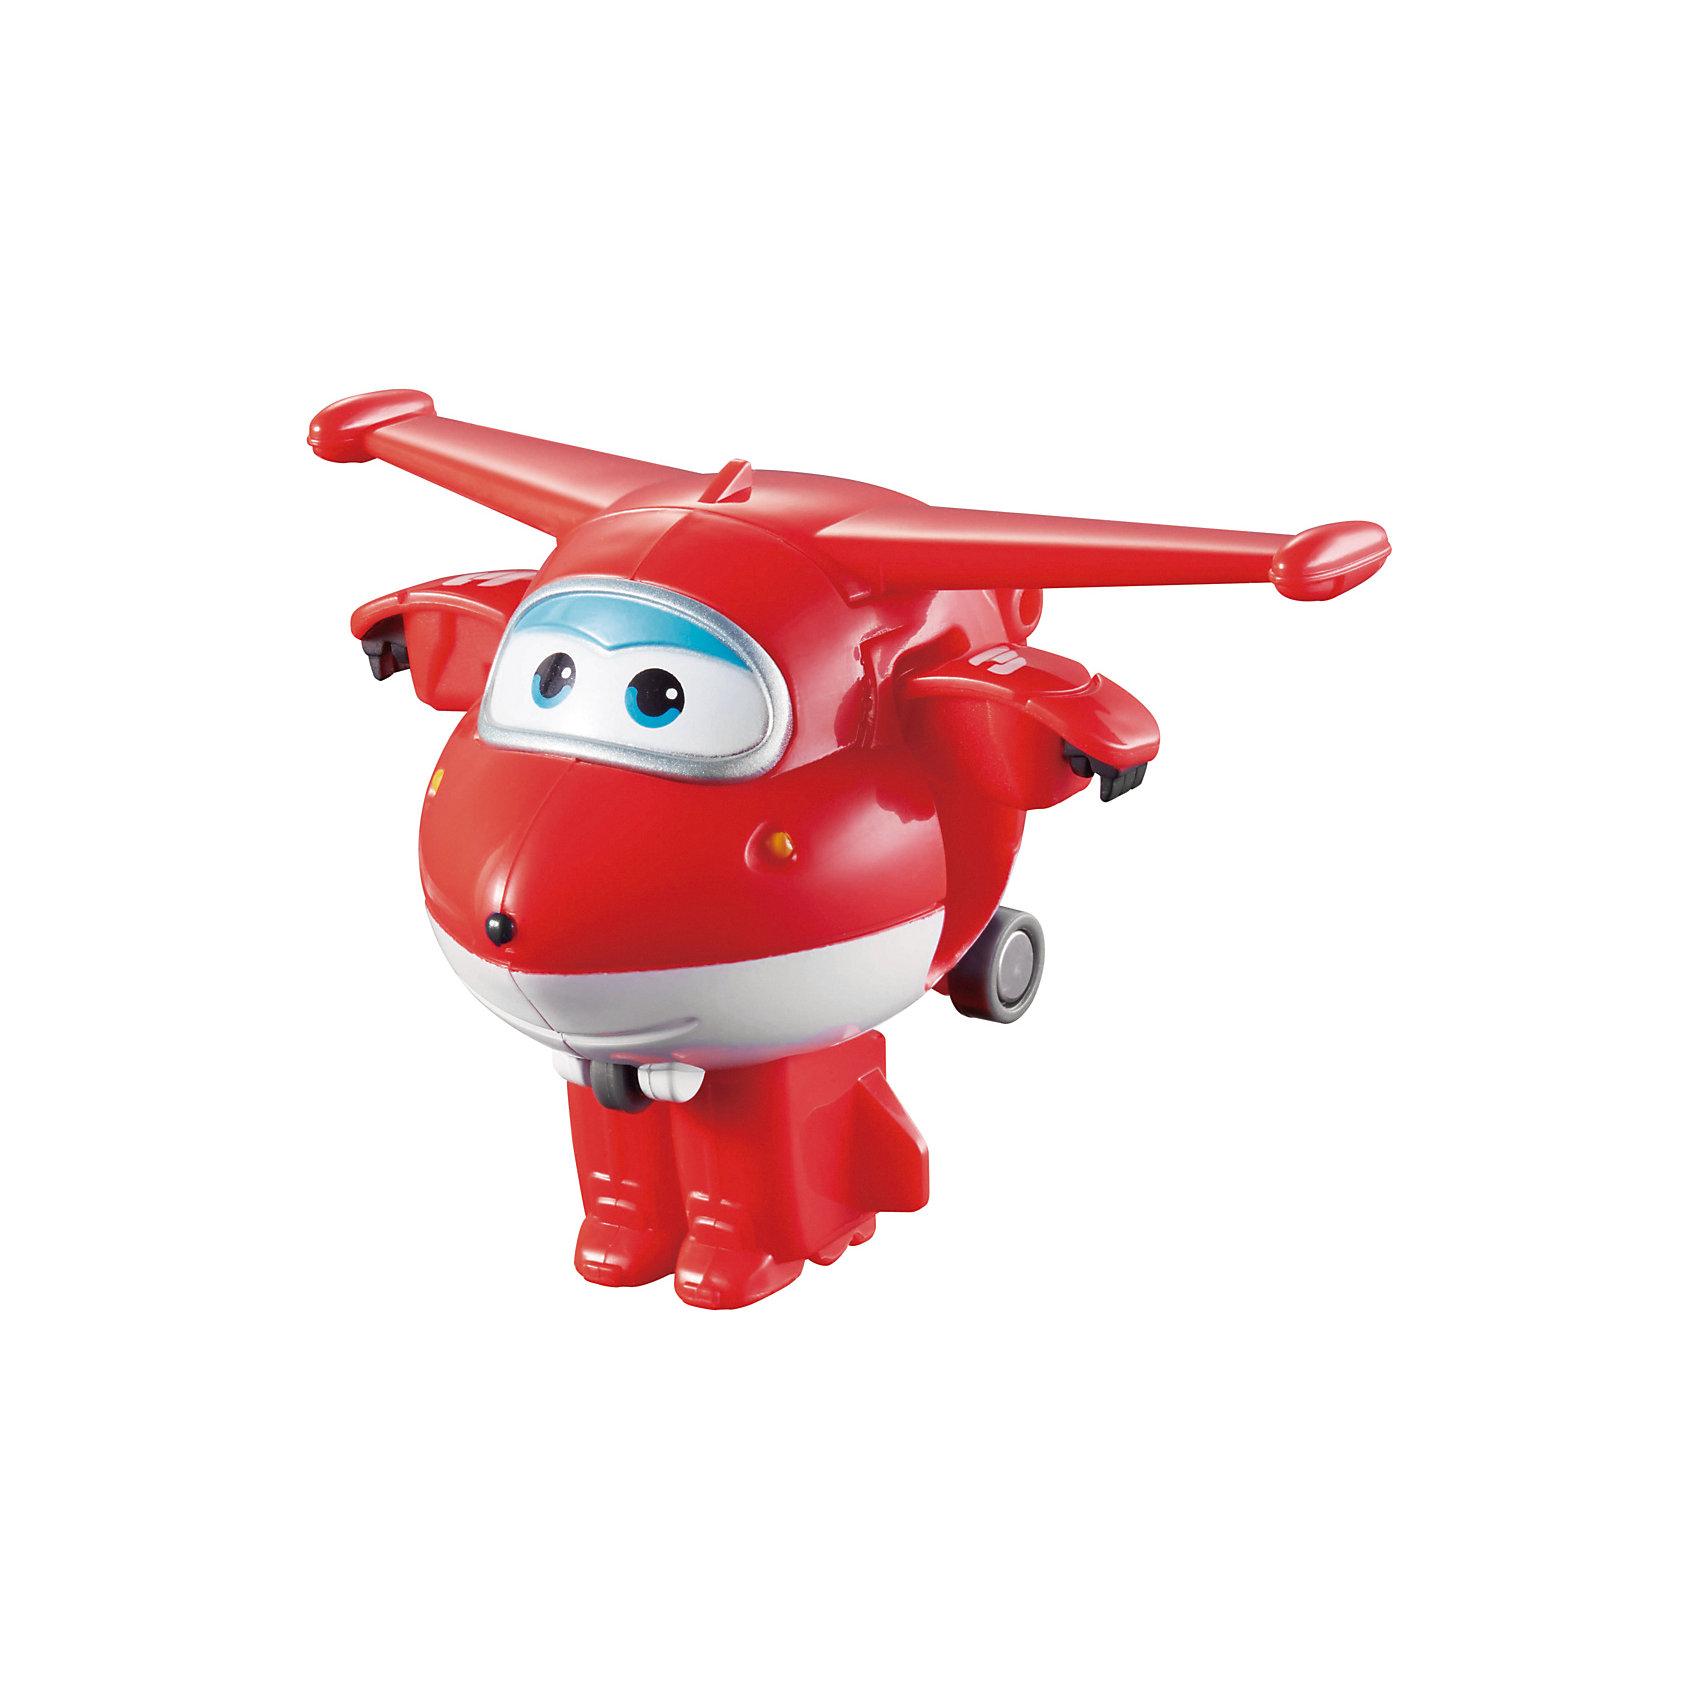 Gulliver Мини-трансформер Джетт, Супер Крылья инерционный самолет джером супер крылья